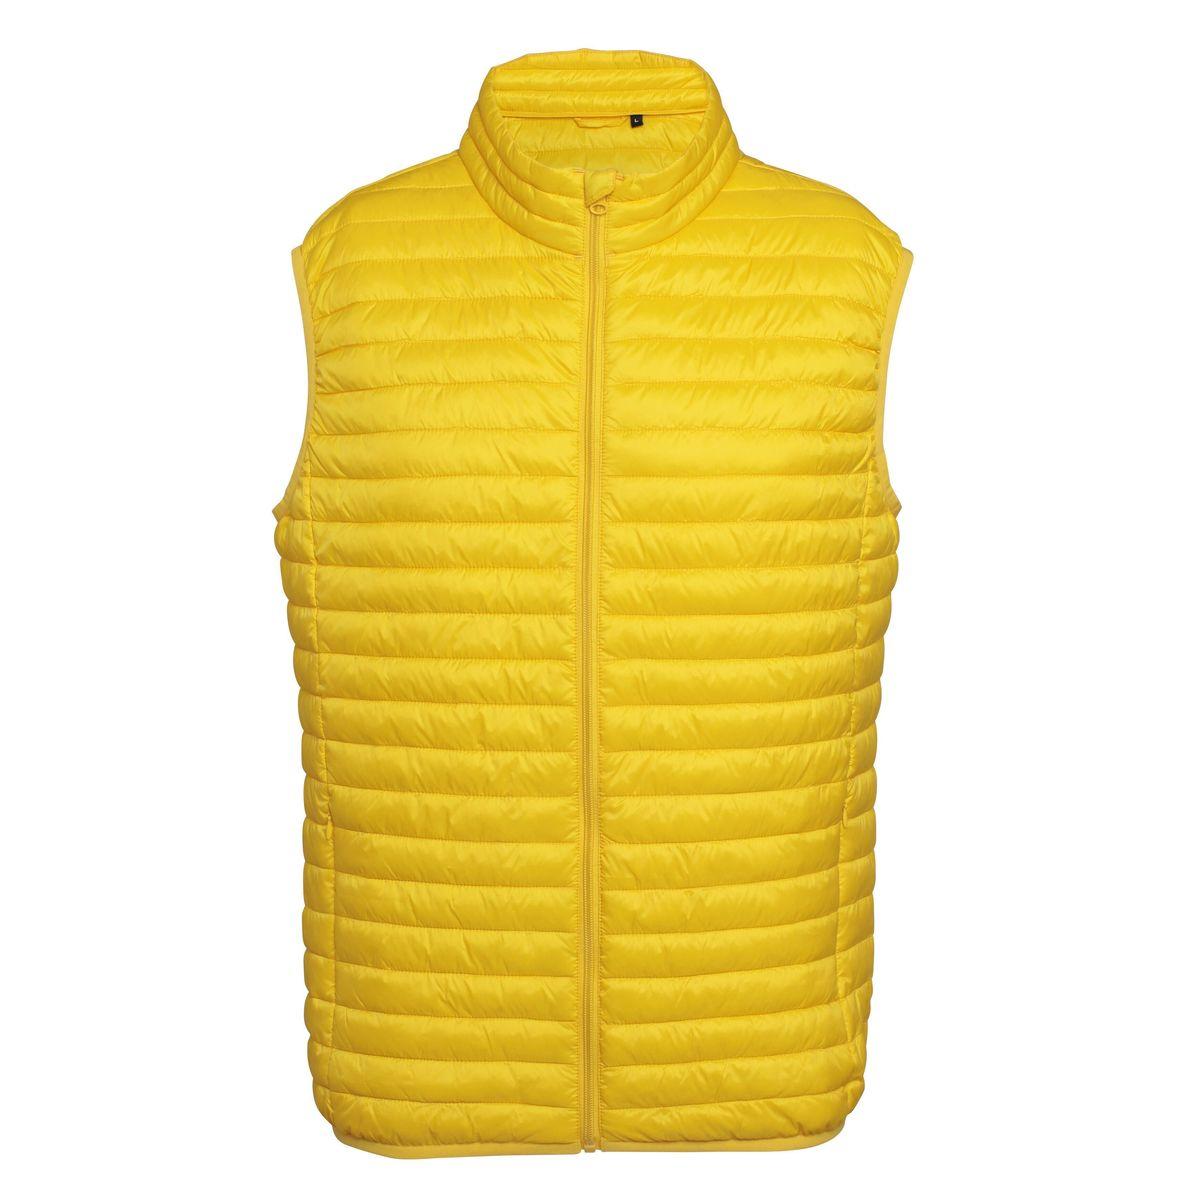 Doudoune sans manches homme - TS019 - jaune